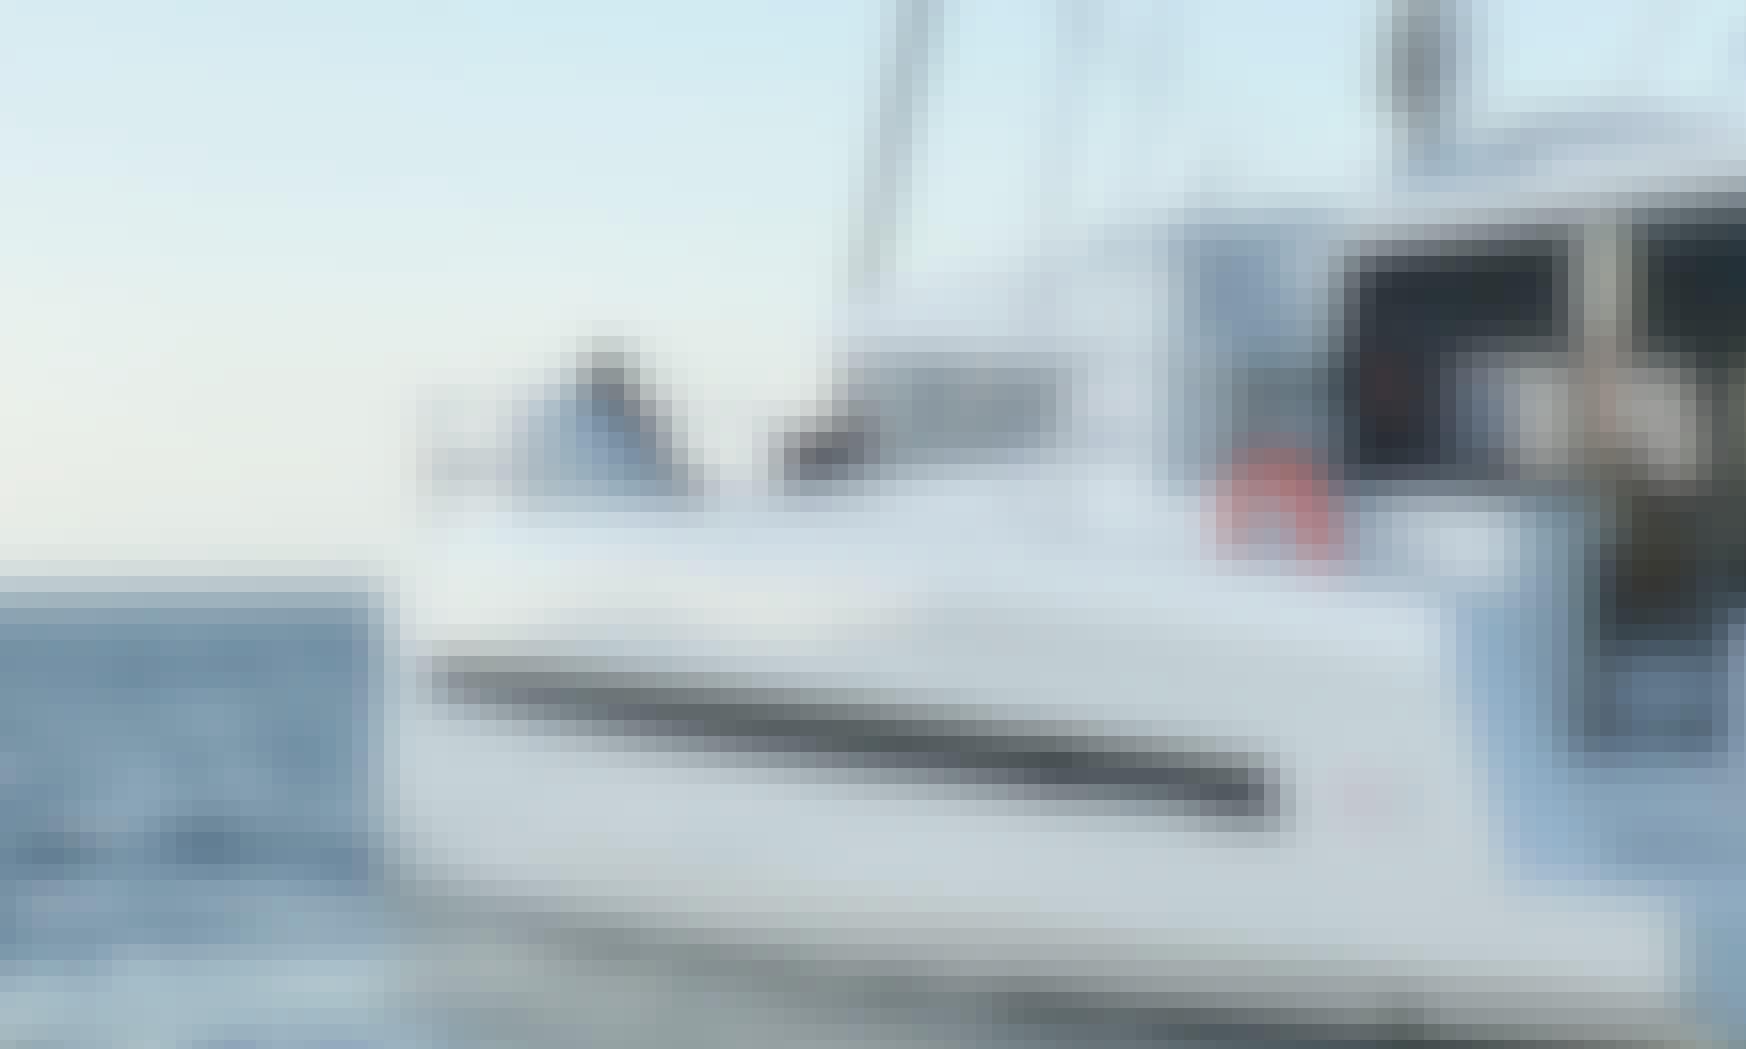 New 2019 Catamaran Bali 4.1 in Playa Flamingo, Provincia de Guanacaste